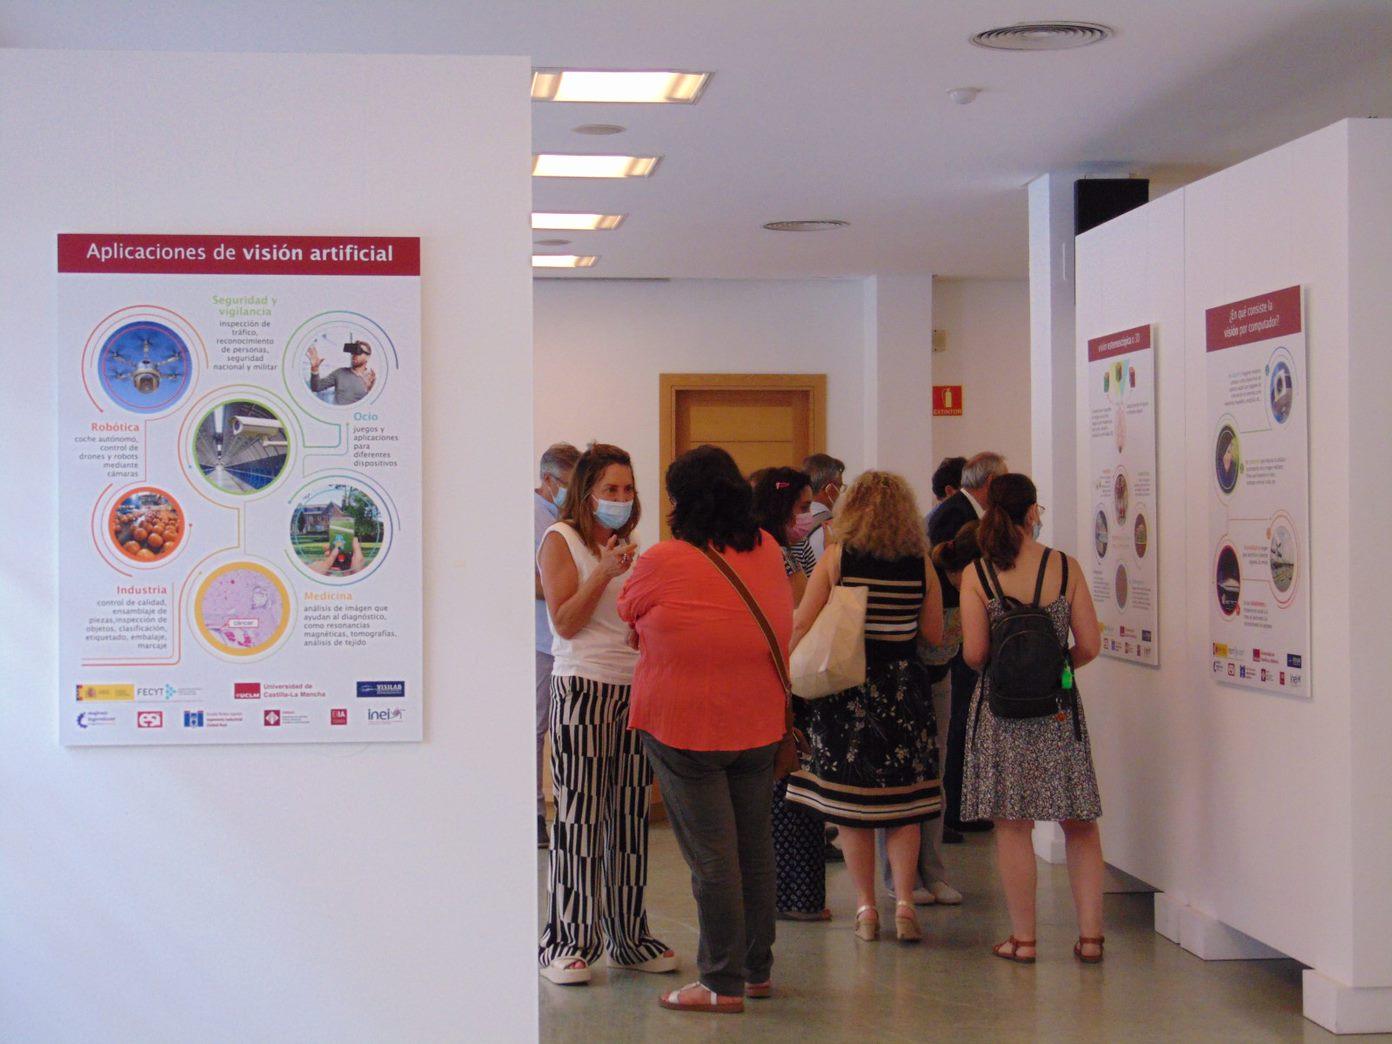 Inauguración Mujeres Ingeniosas y visión por Computador Sala Acua